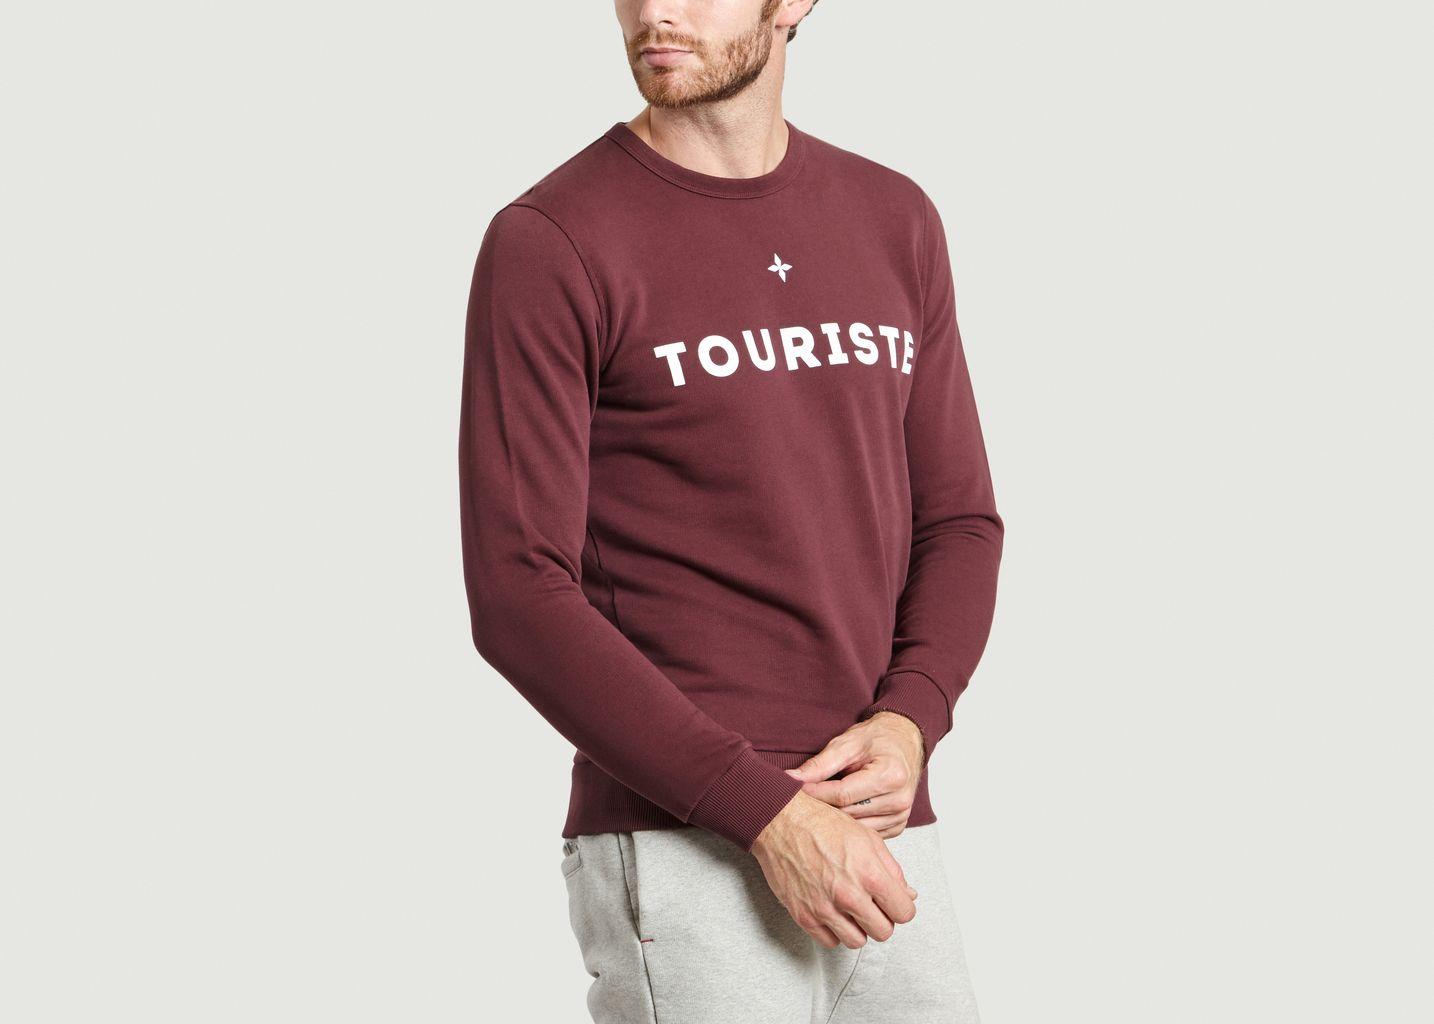 Sweatshirt Touriste - Commune de Paris